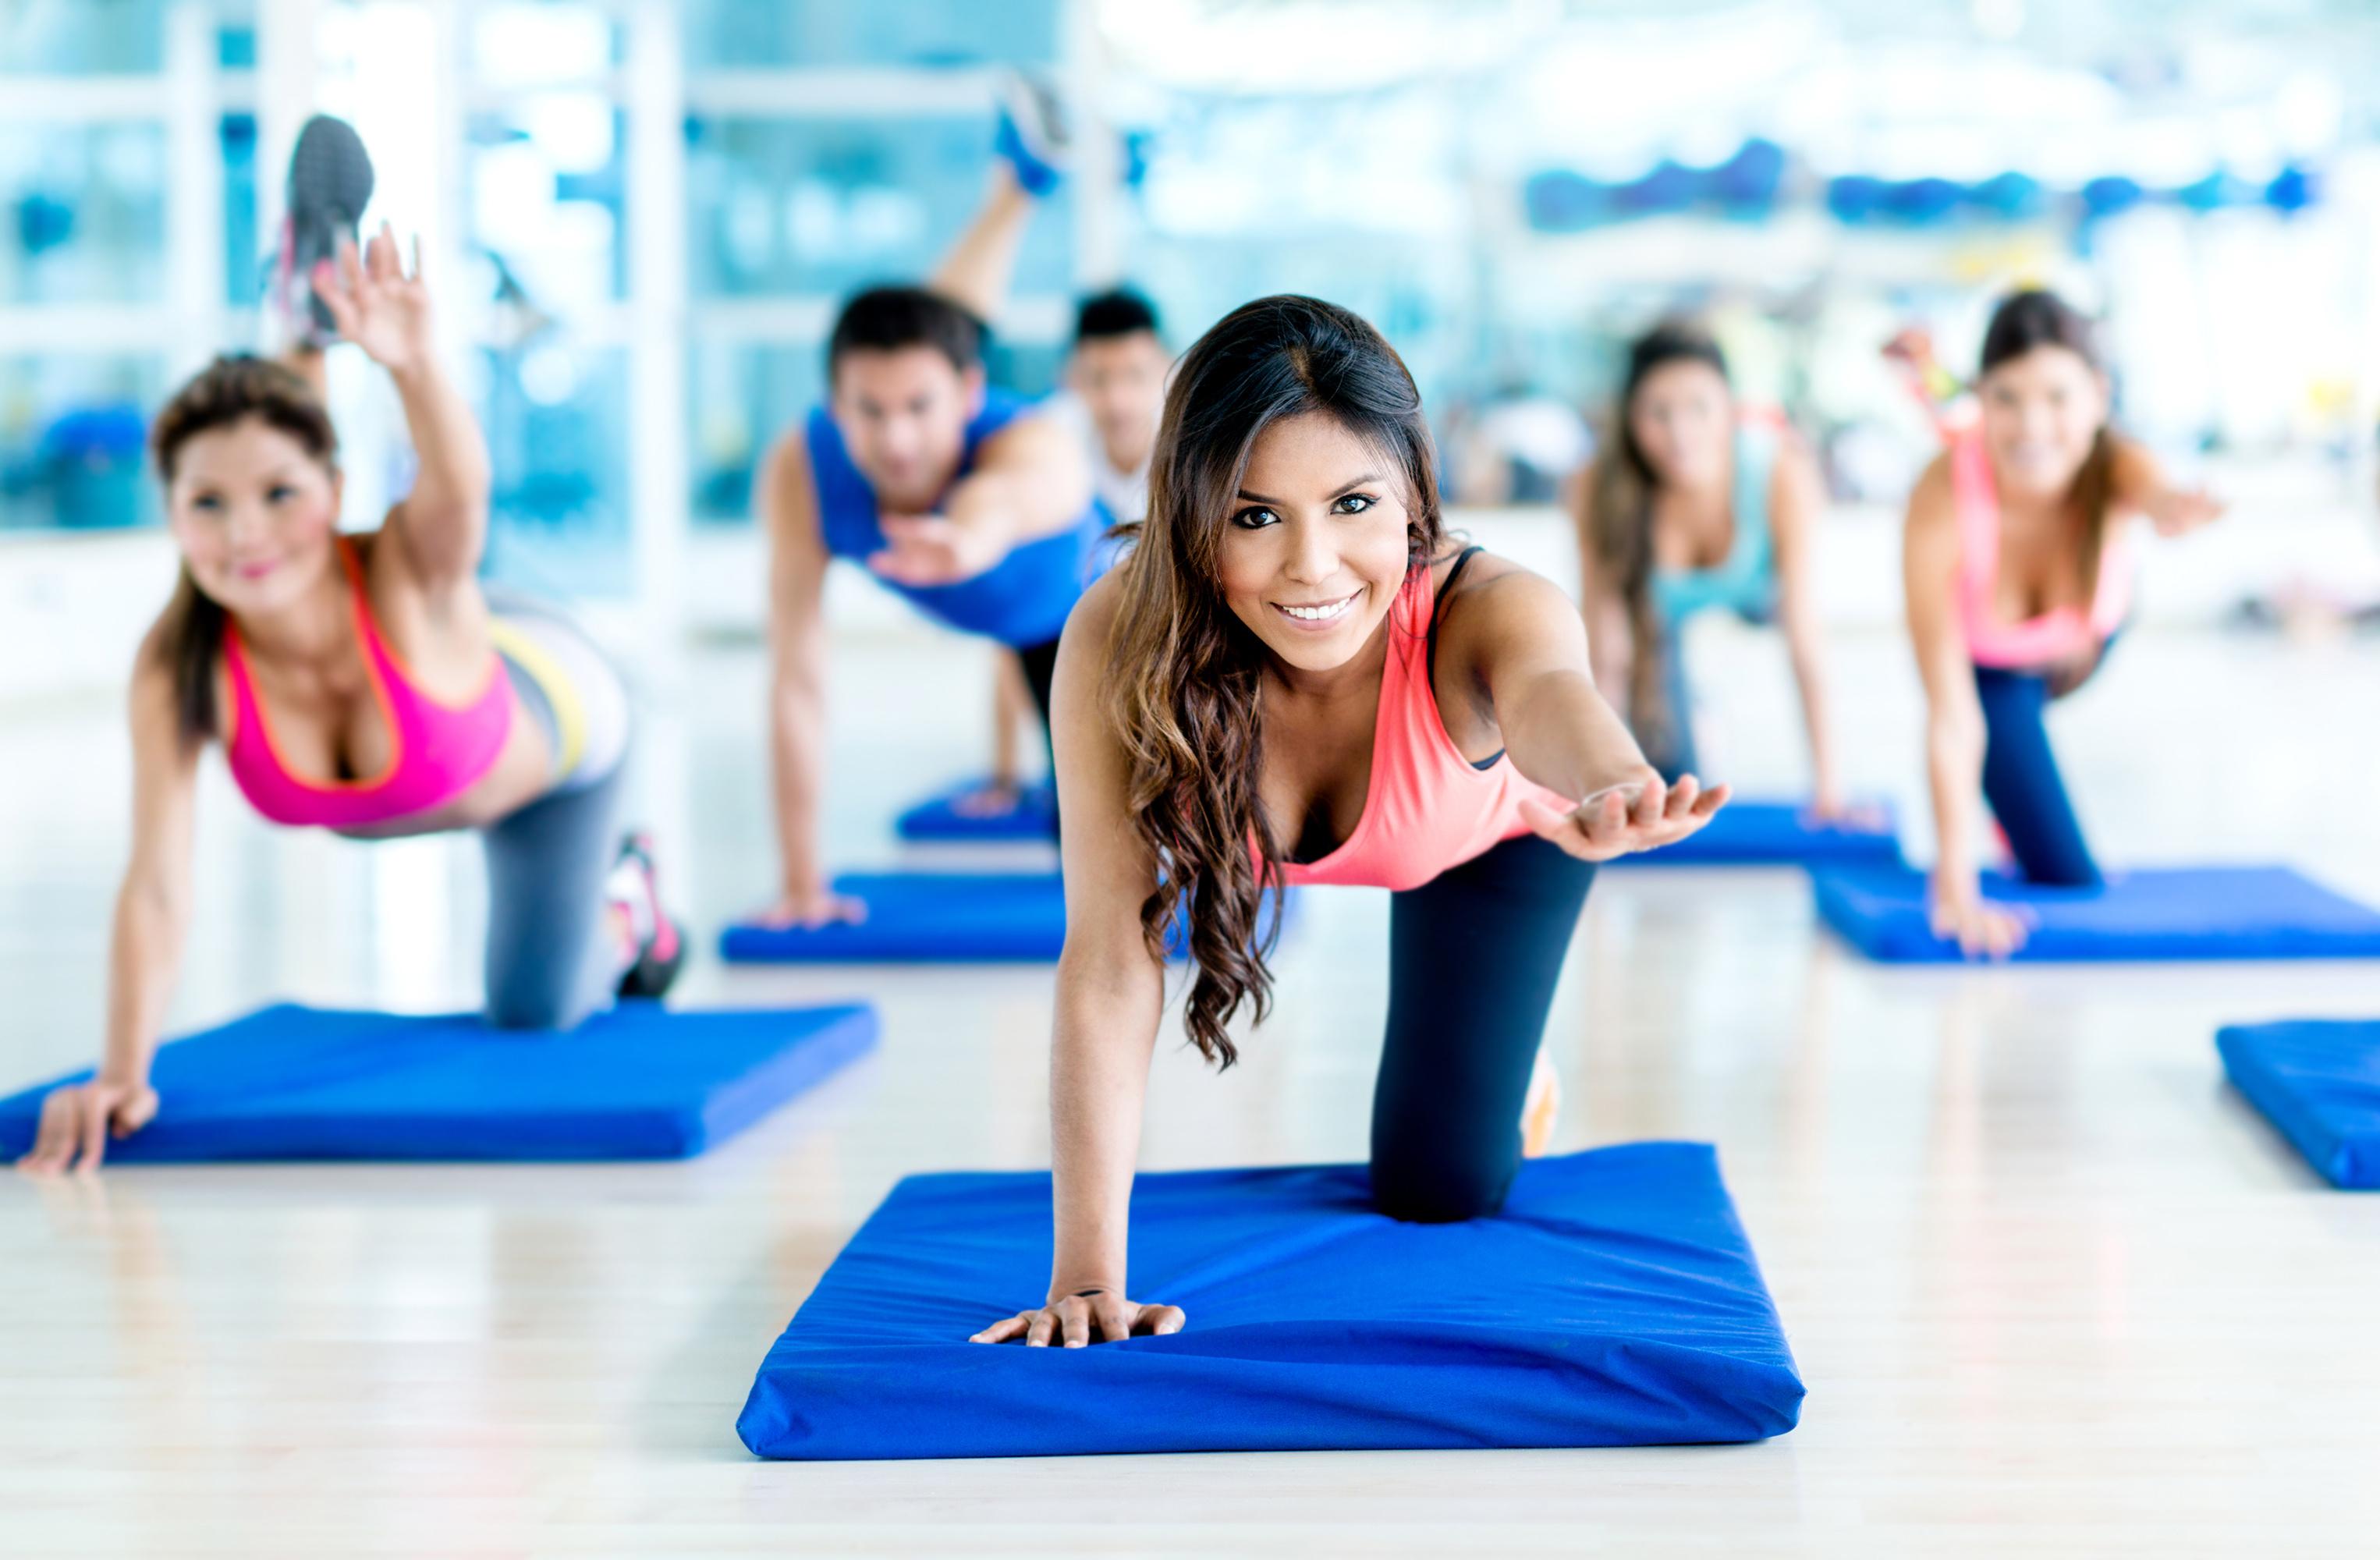 Психологический Тренинг На Похудение На Ютубе. «21 шаг к стройности». Онлайн -тренинг по снижению веса